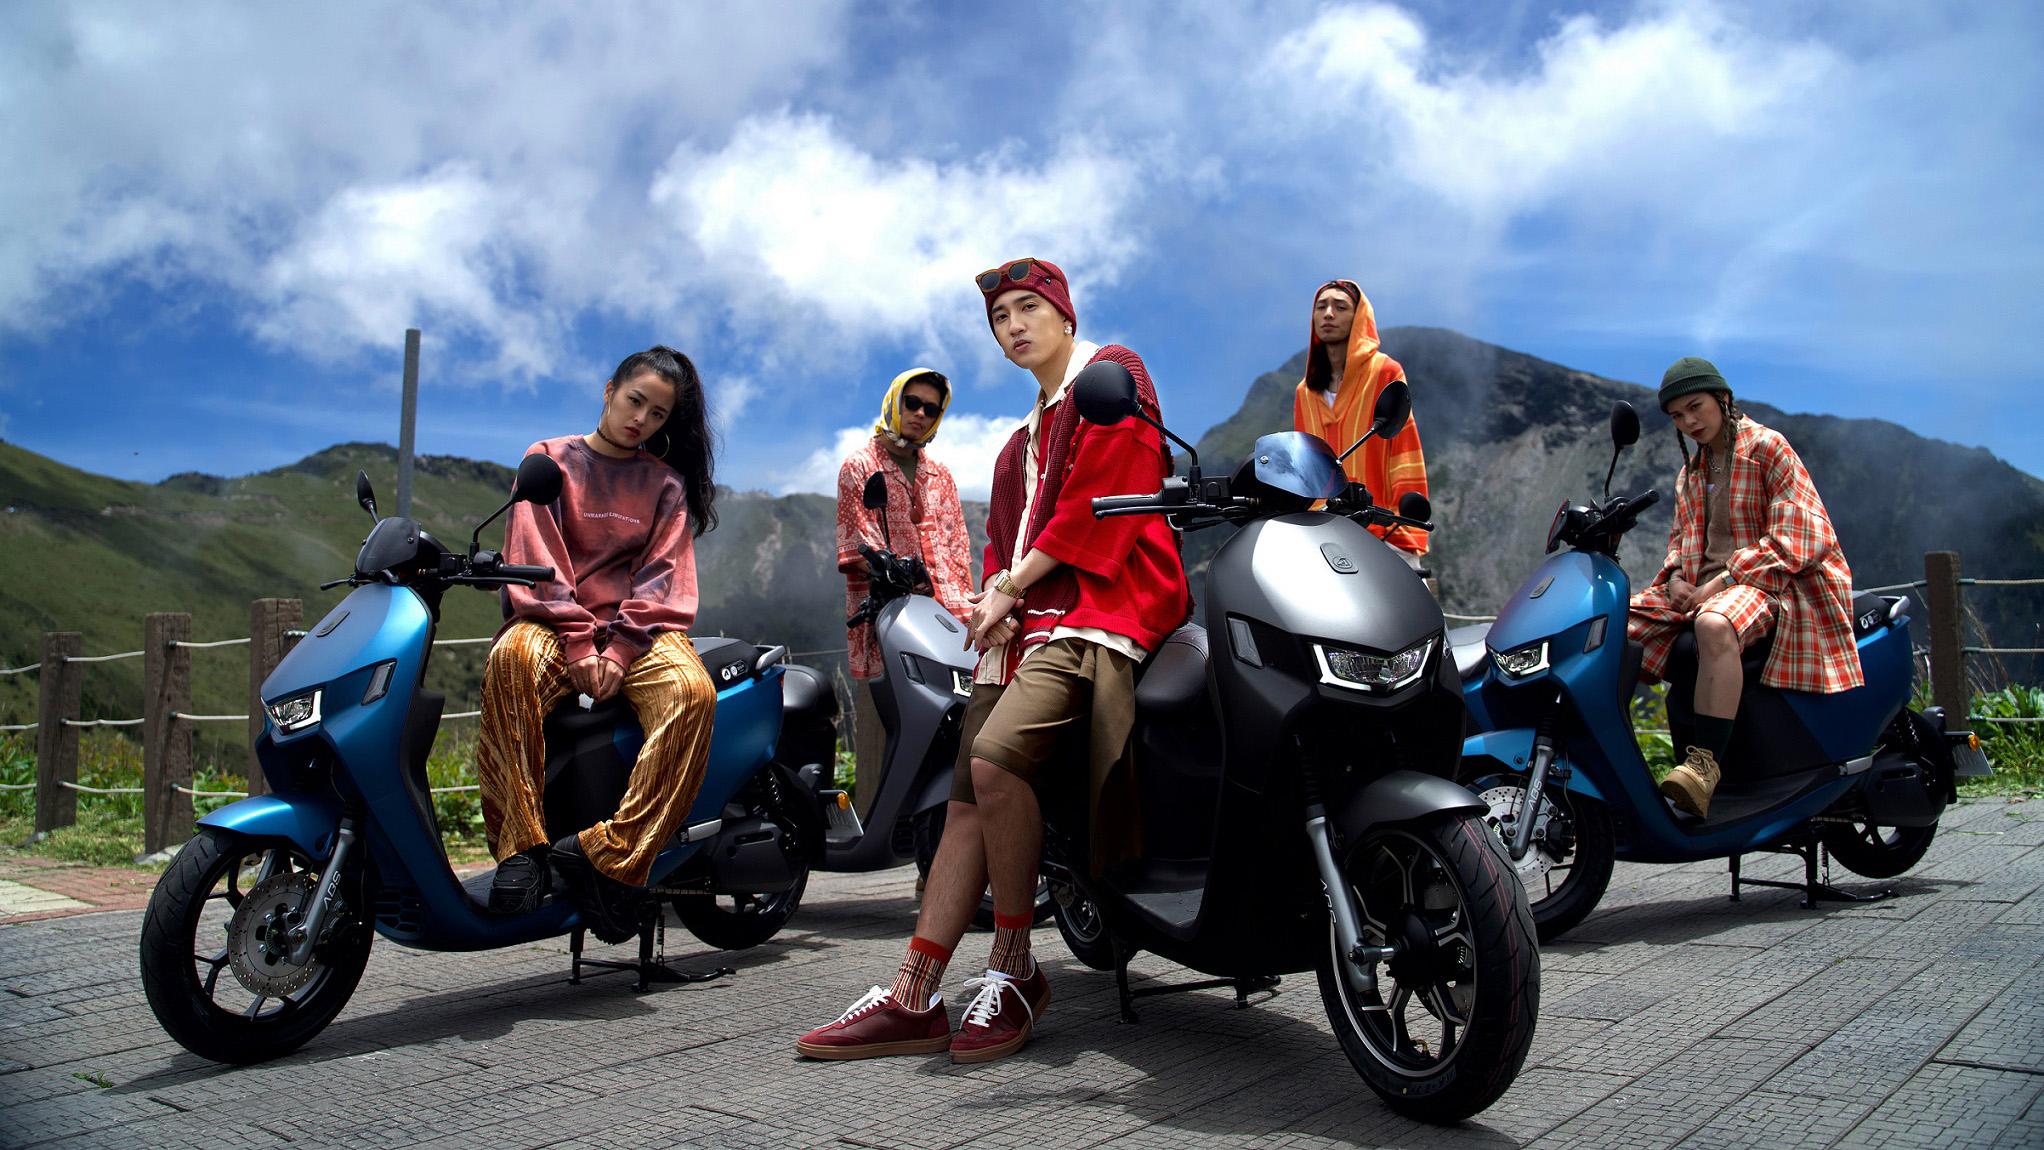 【影】婁峻碩、宏佳騰合作,推出全新單曲「Ride Wit Me」